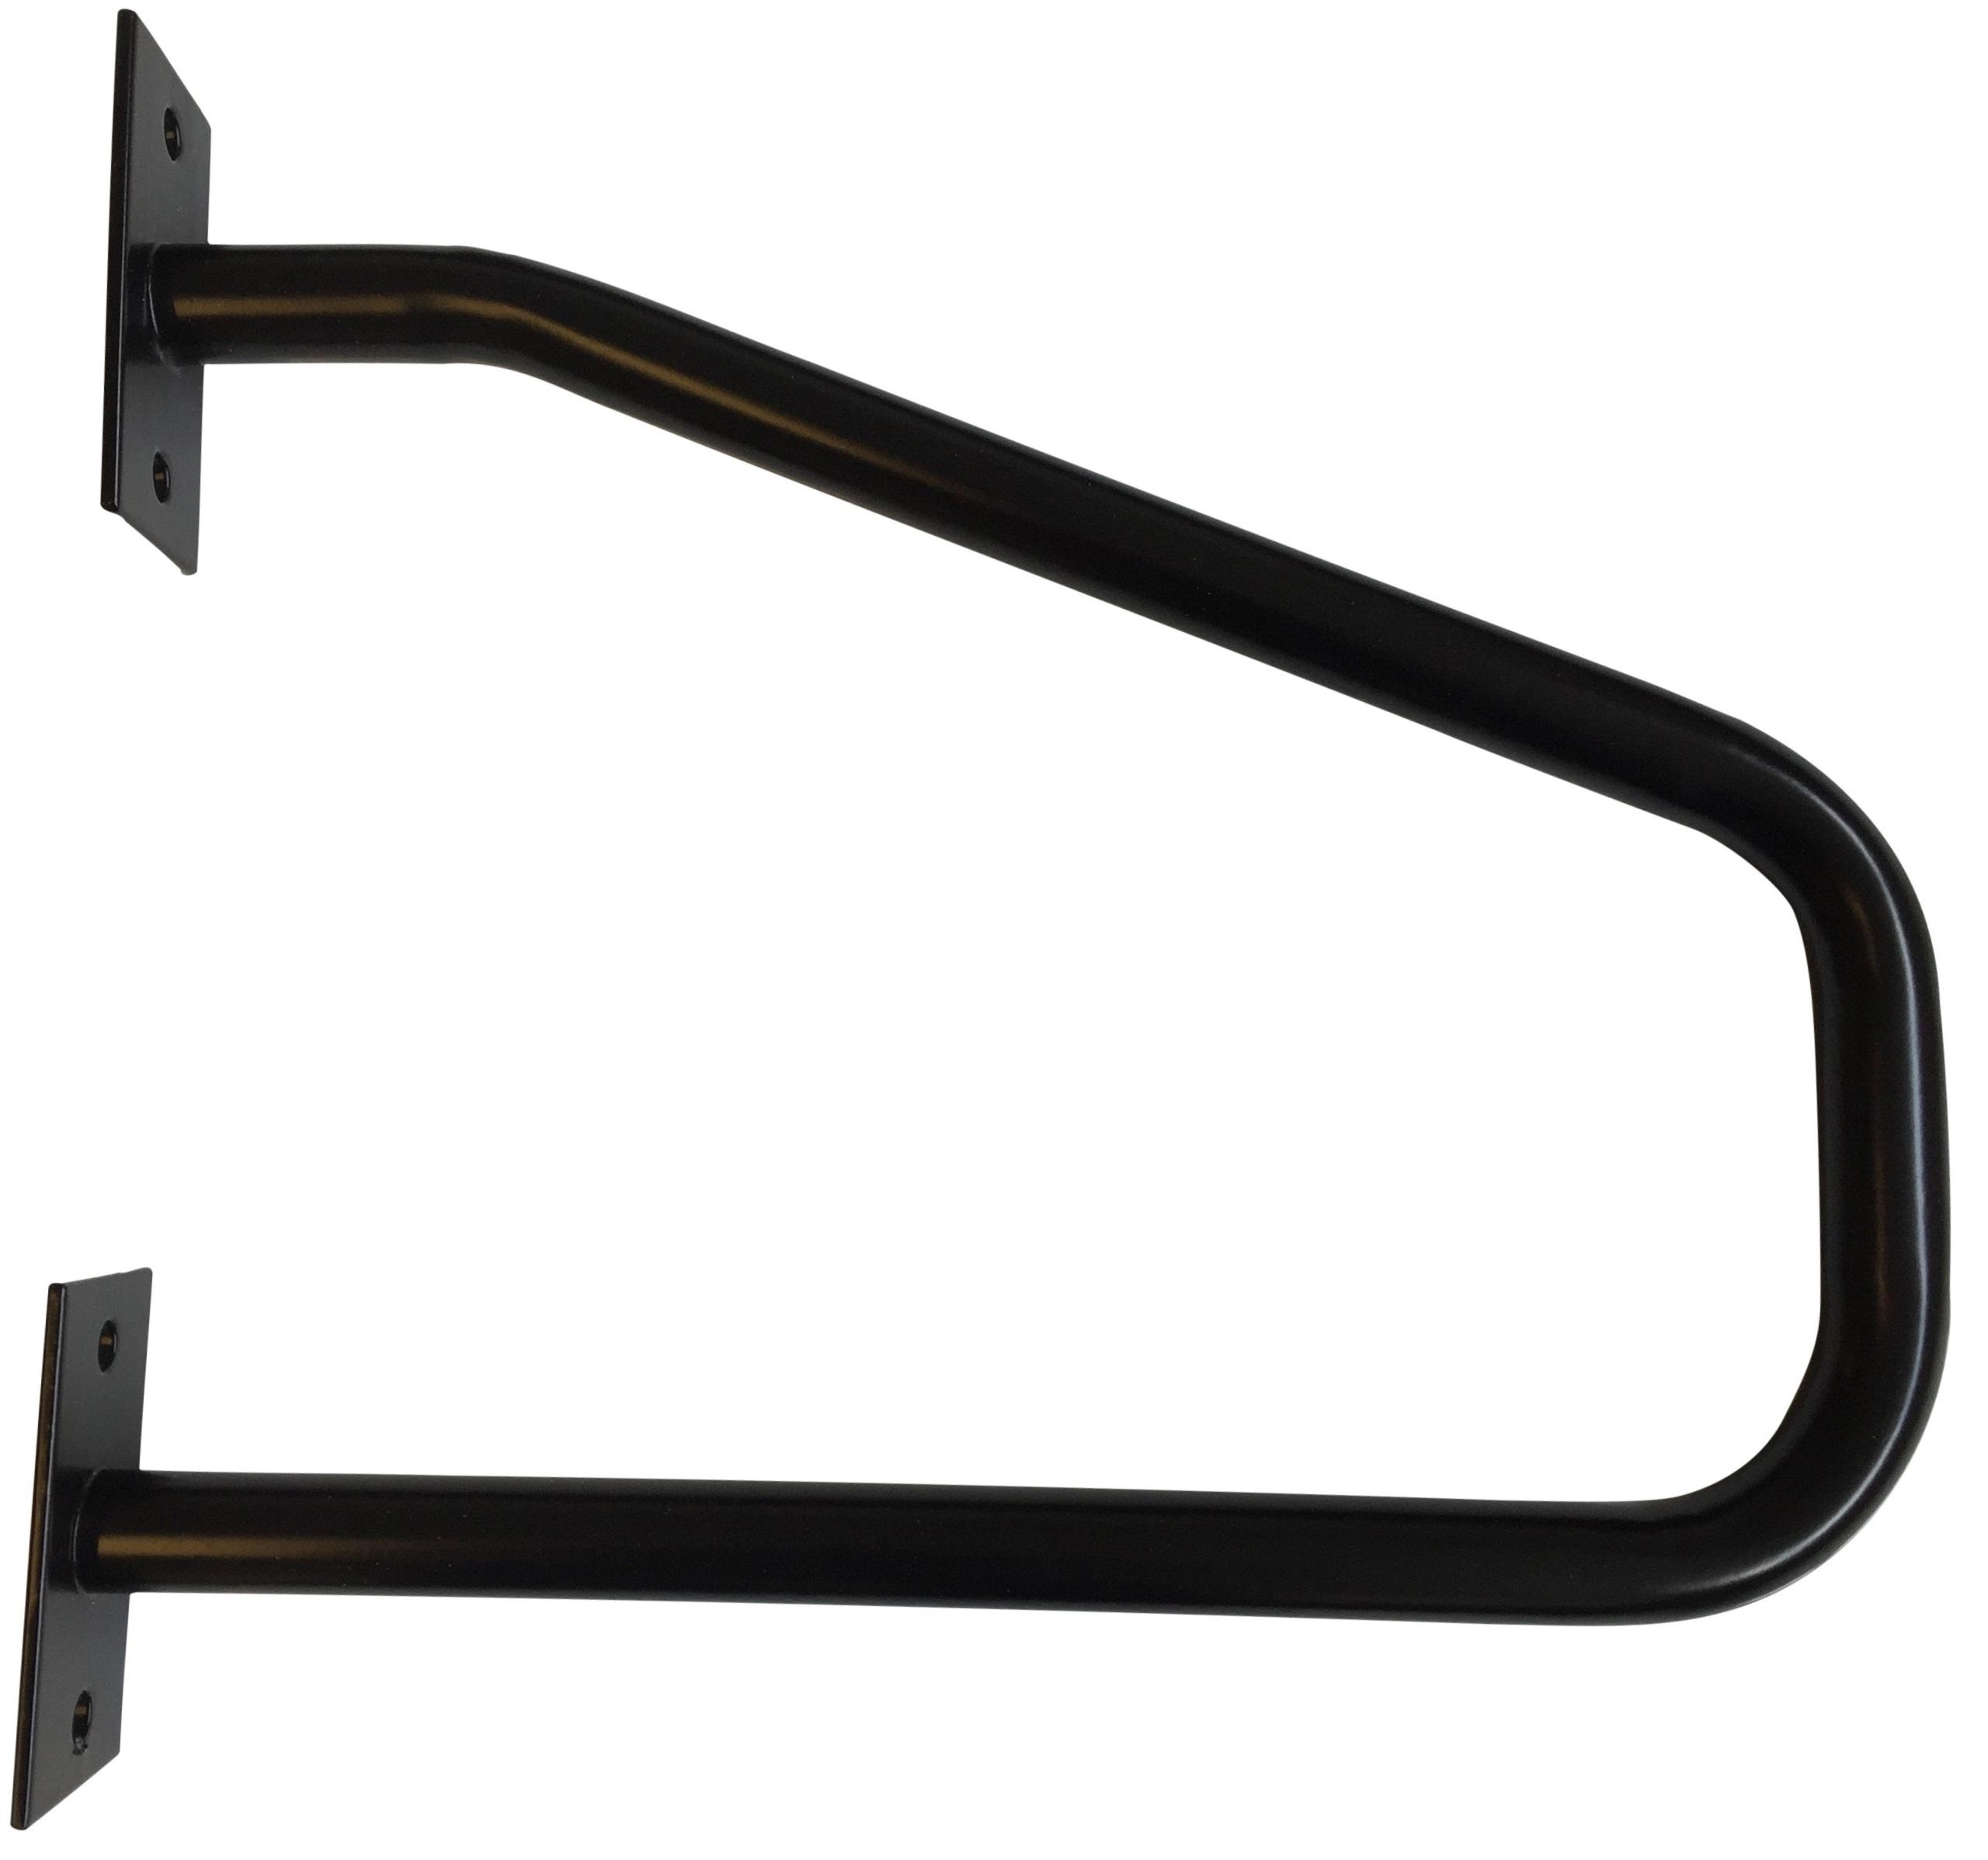 Støttegreb, 40 el. 60 cm. dyb (kan også anvendes udendørs) – pris 775.00